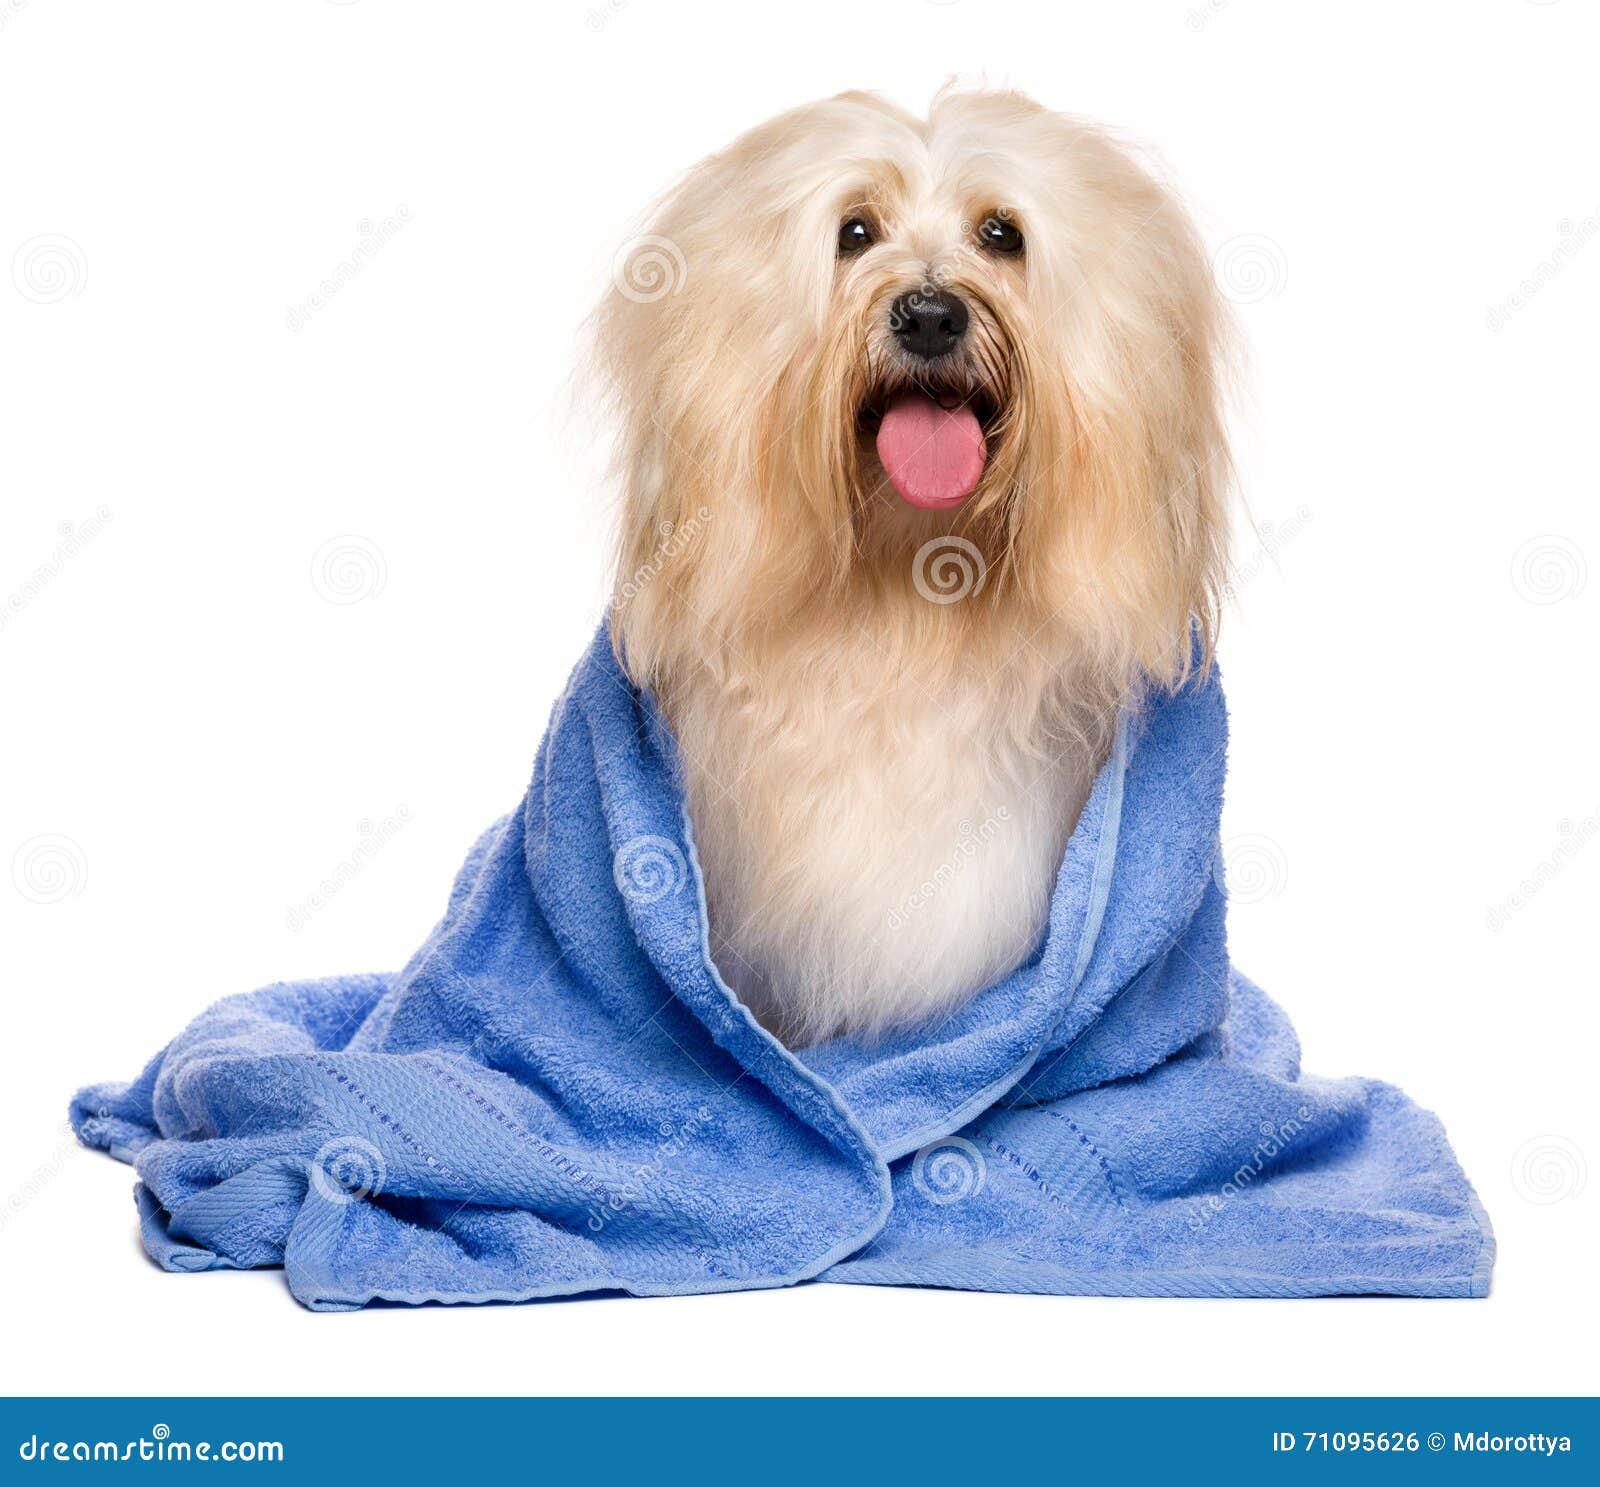 Beau chien havanese rougeâtre baigné enveloppé dans une serviette bleue